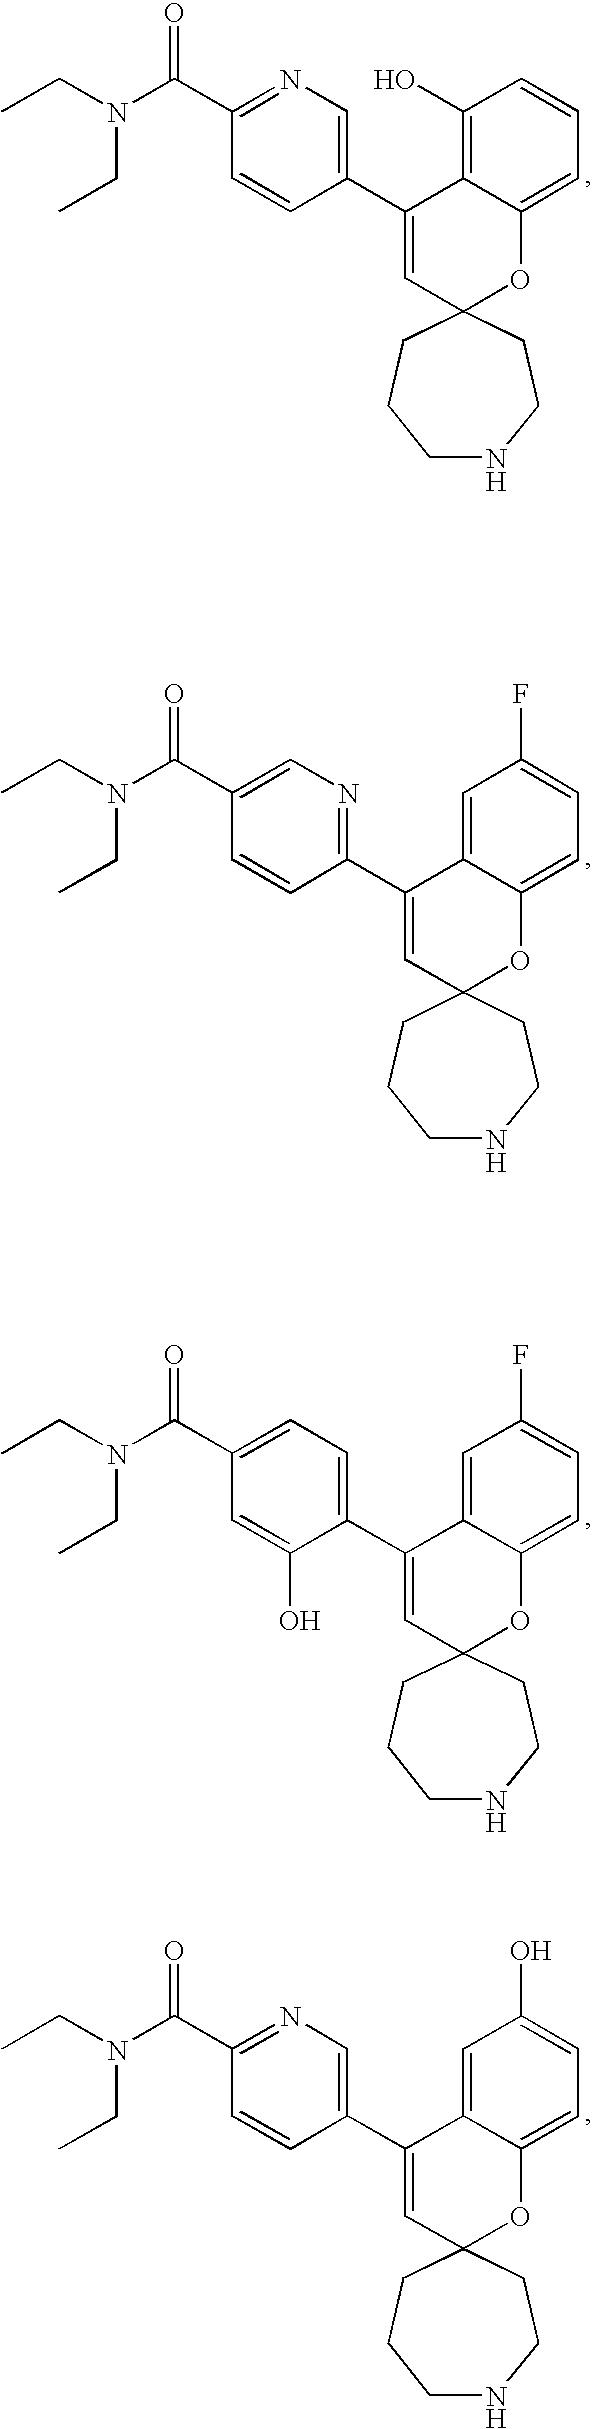 Figure US07598261-20091006-C00034